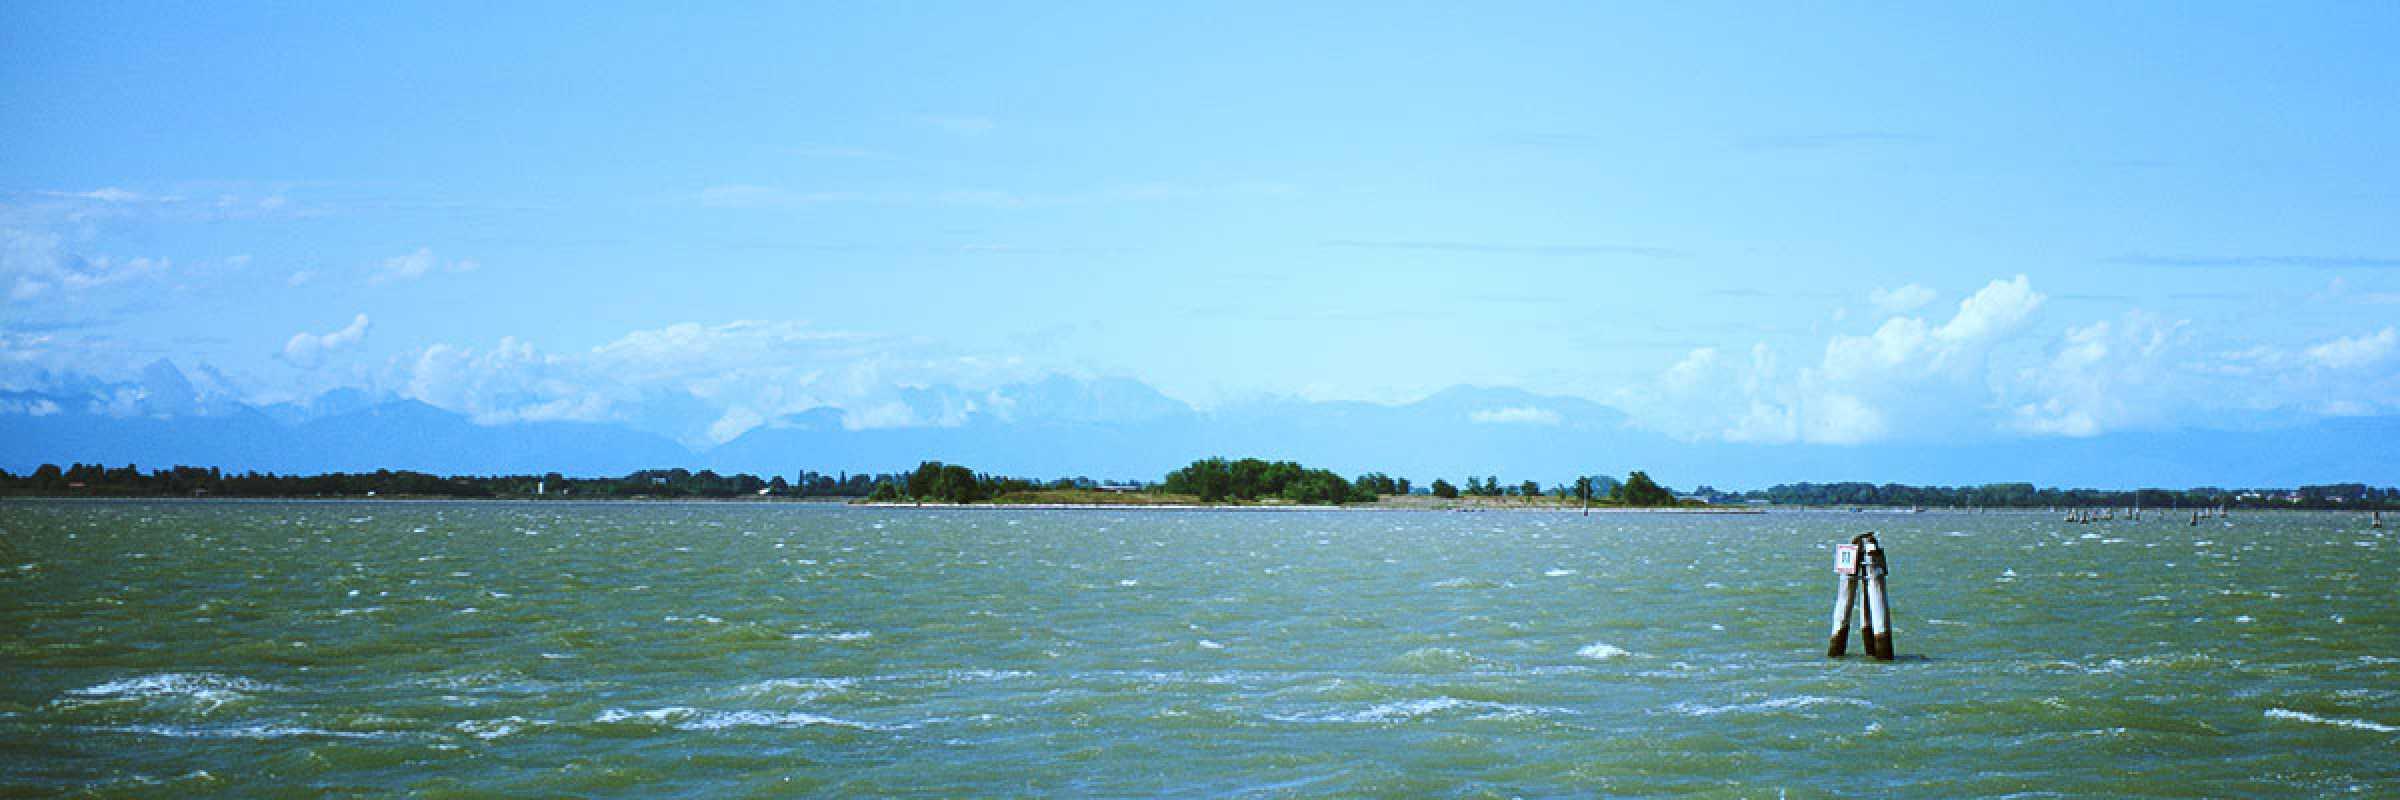 Vista della laguna verso la terraferma e le montagne.